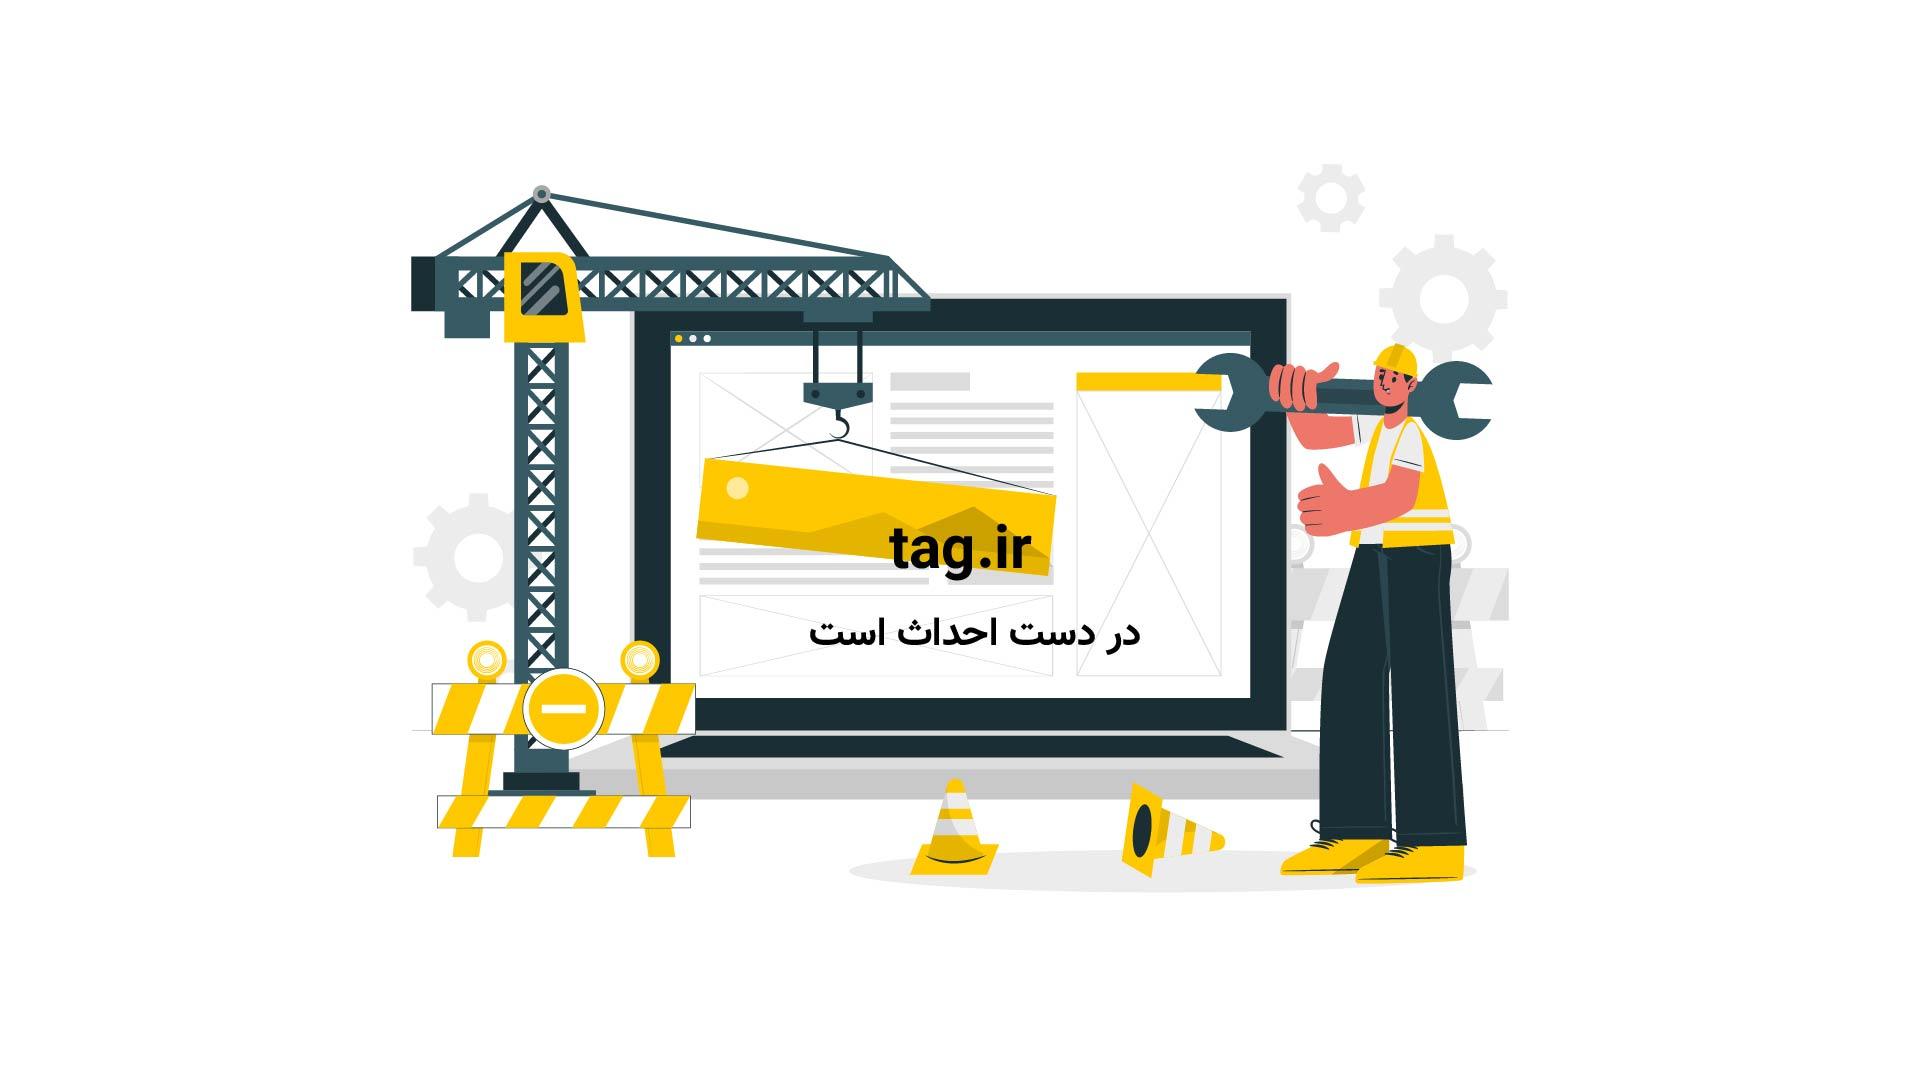 عشق حیوانات به توله و بچه هایشان | تگ